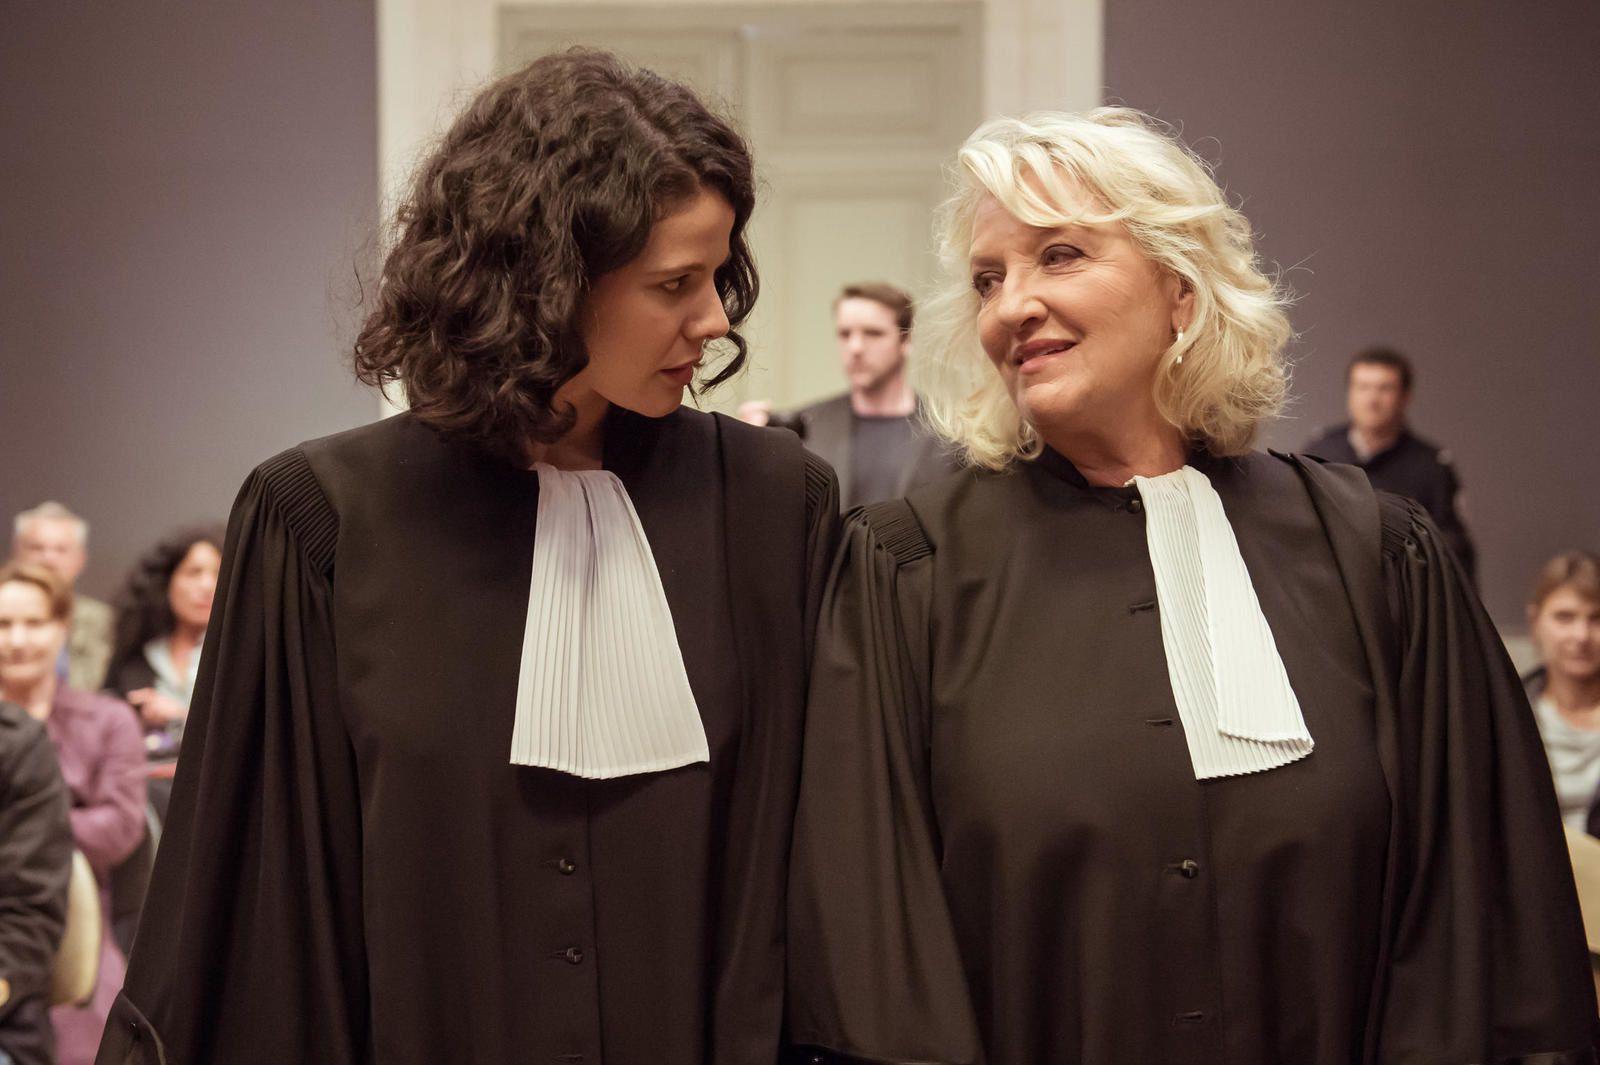 Charlotte de Turckheim dans le téléfilm inédit La loi de Valérie, ce mardi soir.